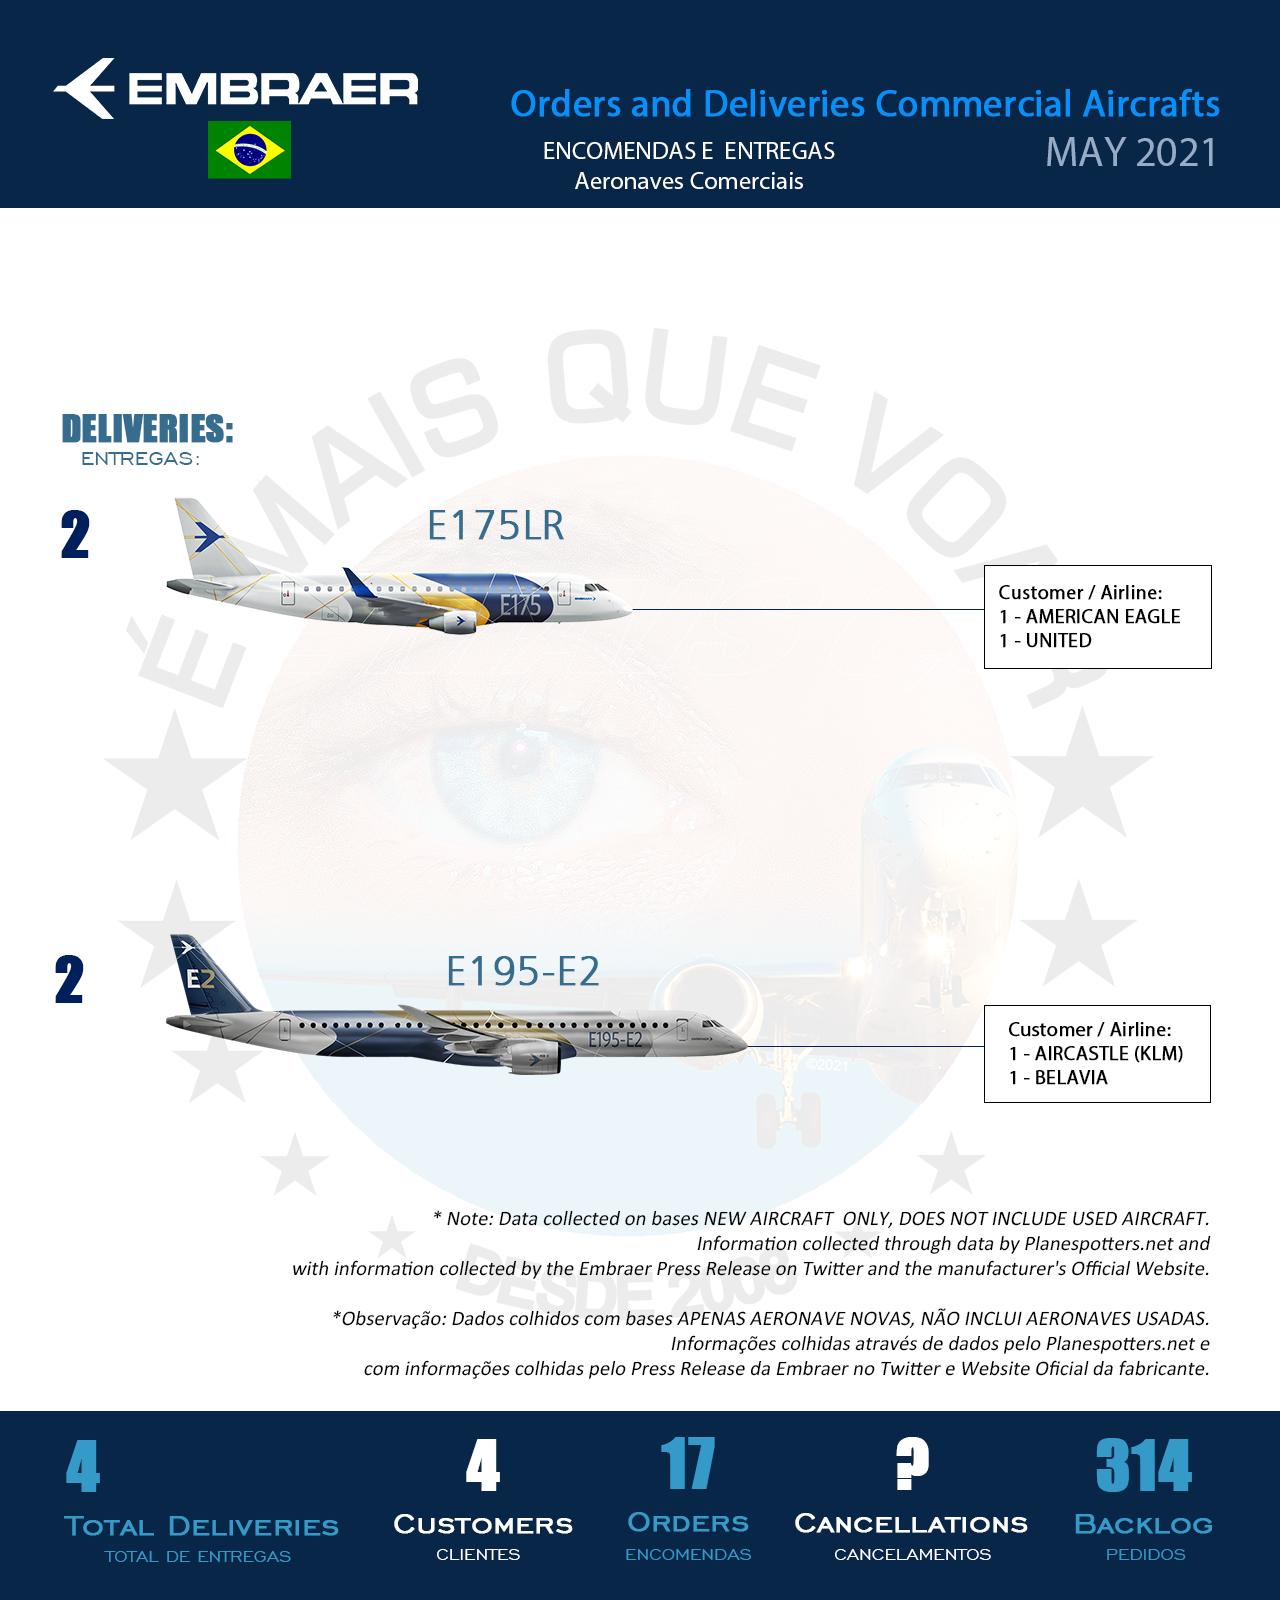 Infográfico: Encomendas e Entregas Aeronaves Comerciais da Embraer (EMBR3) – Maio 2021 | É MAIS QUE VOAR